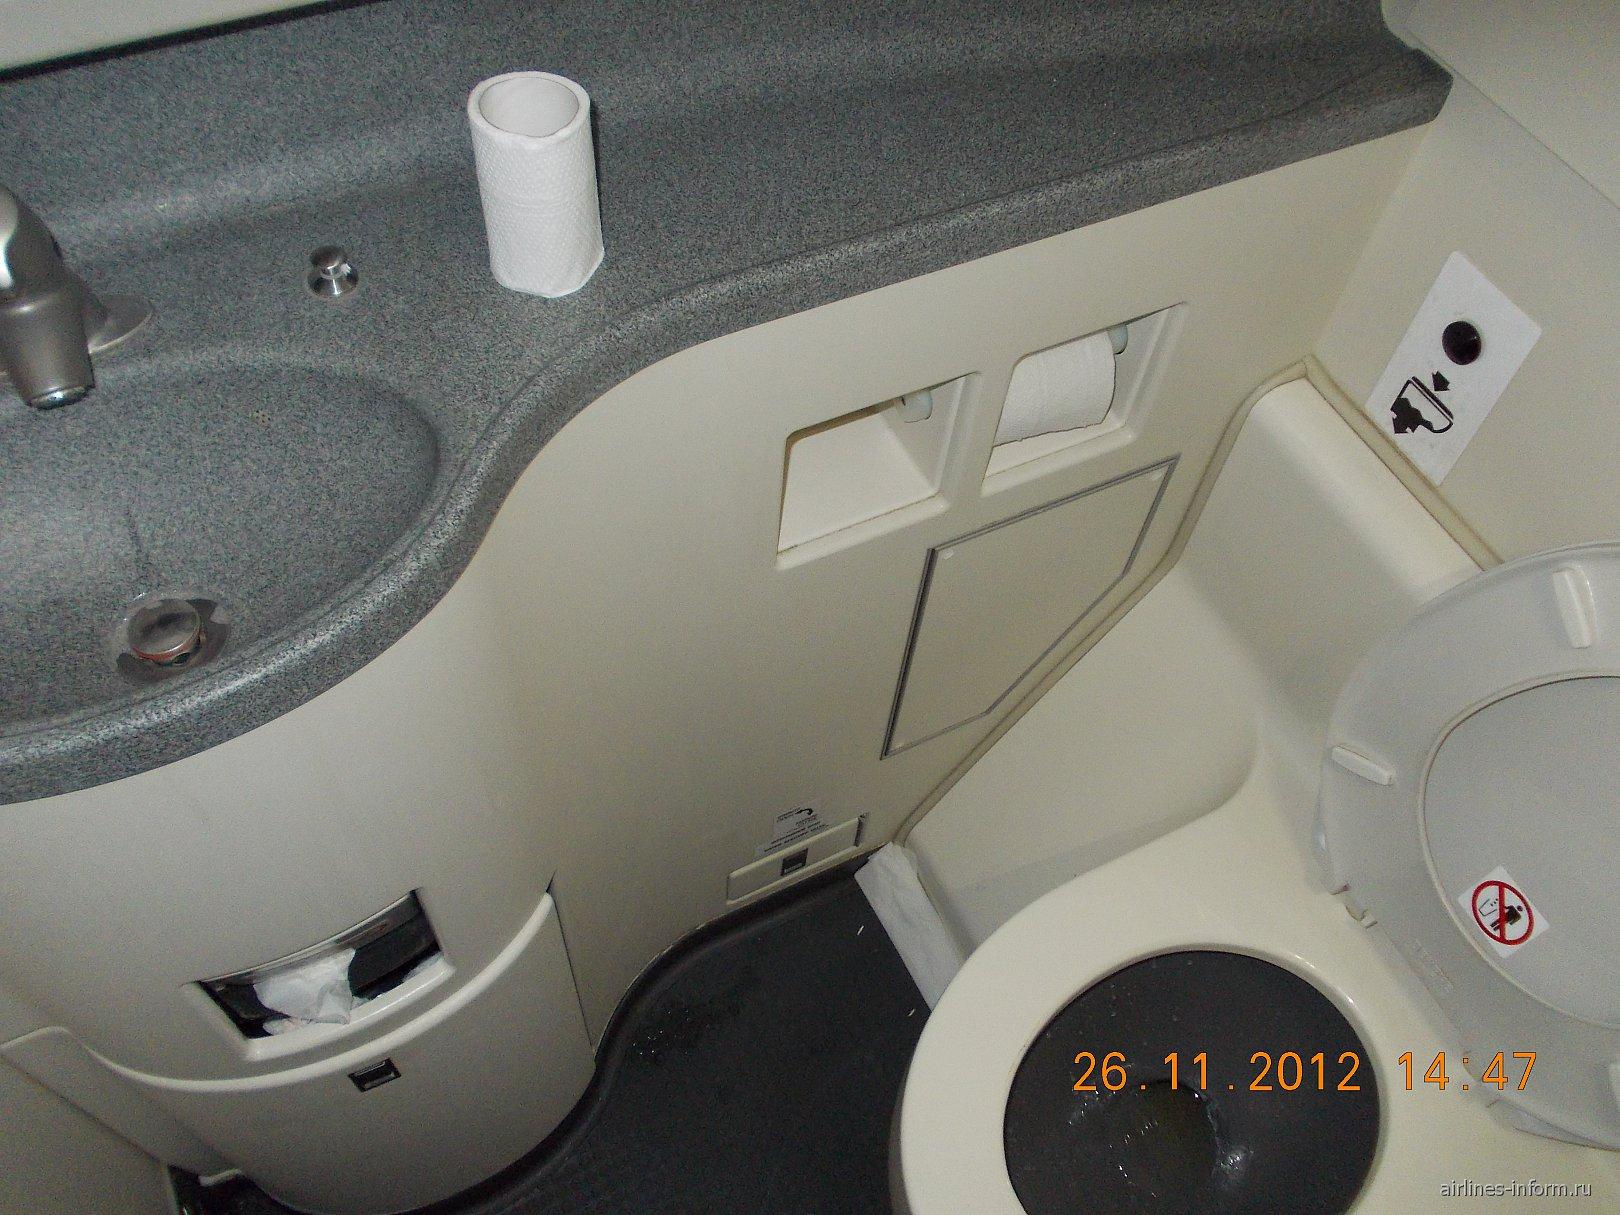 Туалет самолета Суперджет-100 авиакомпании Аэрофлот